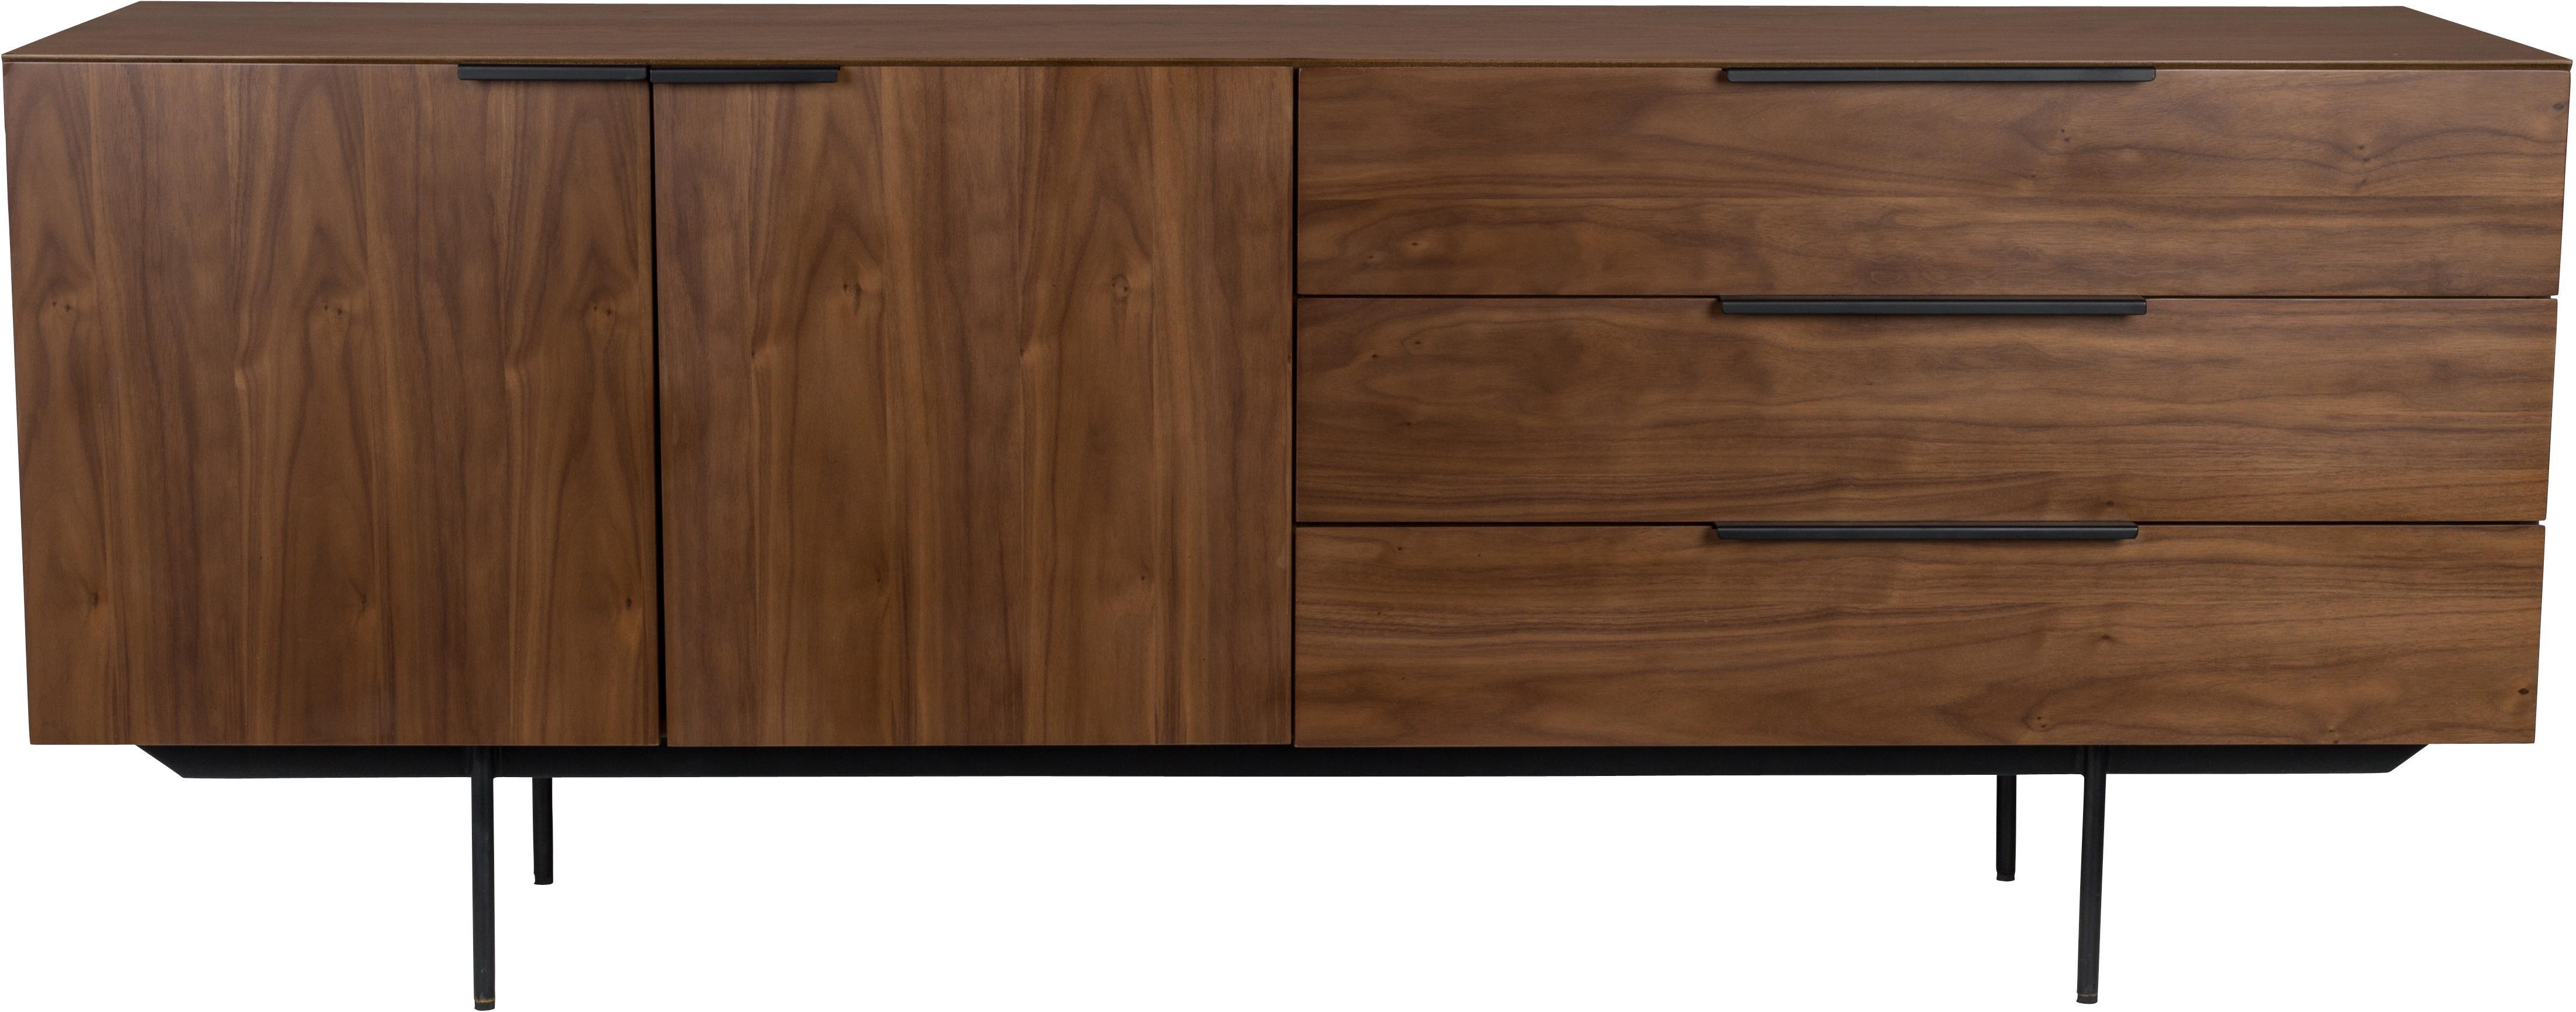 Skříňka v retro stylu s ořechovou dýhou Travis, Konstrukce: ořechová Úchyty, rám anohy: černá